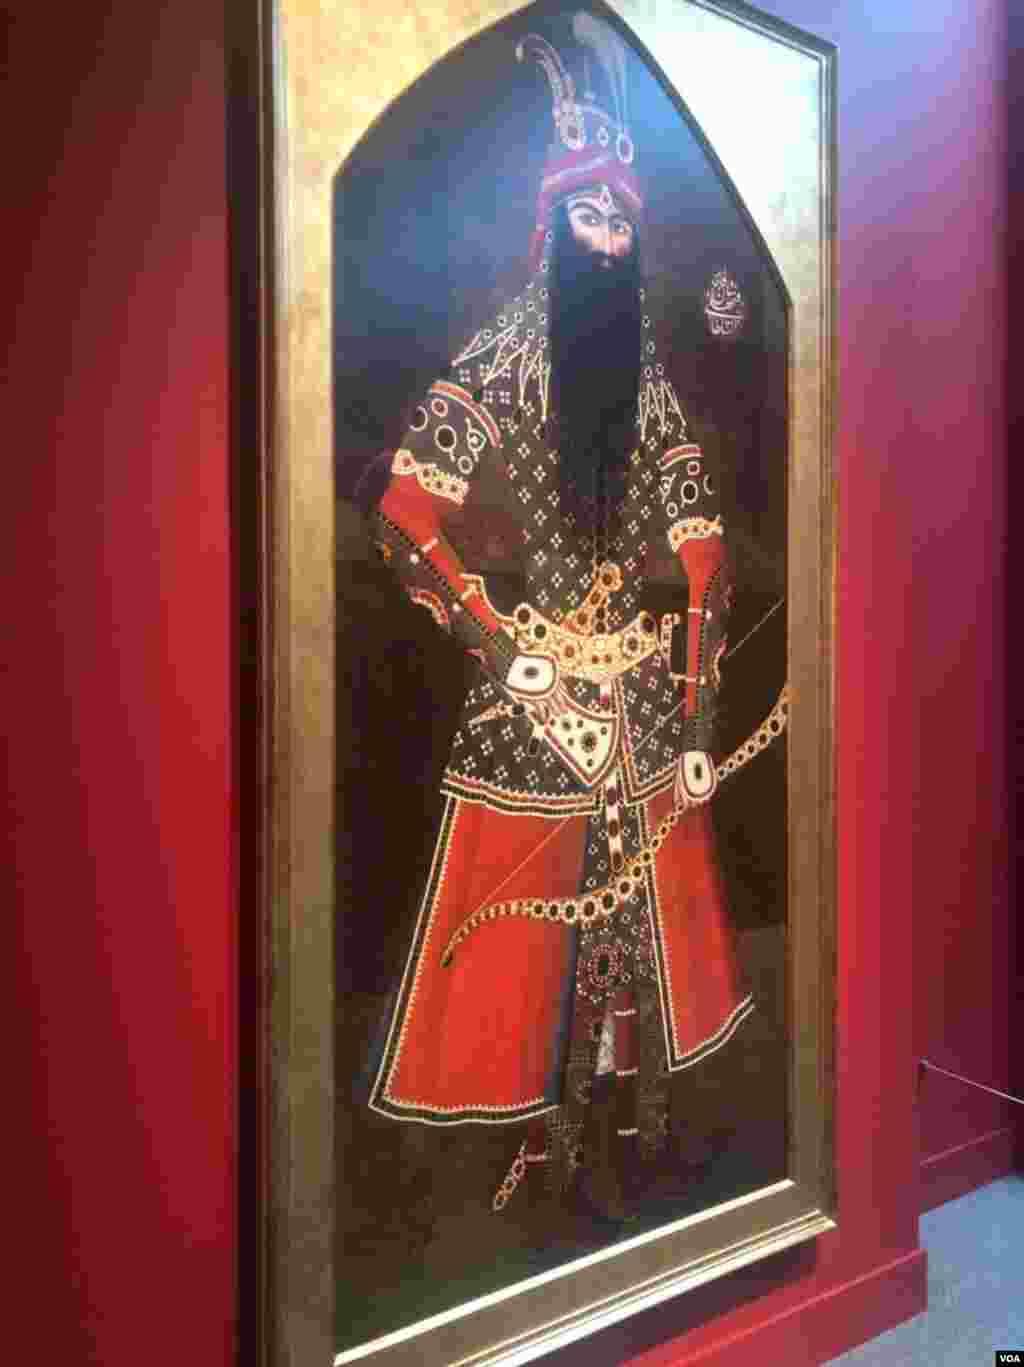 در جشن نوروزیگالری «فریر و سَکلر»، تابلویی از فتحعلی خان شاه قاجار به نمایش در آمده بود.